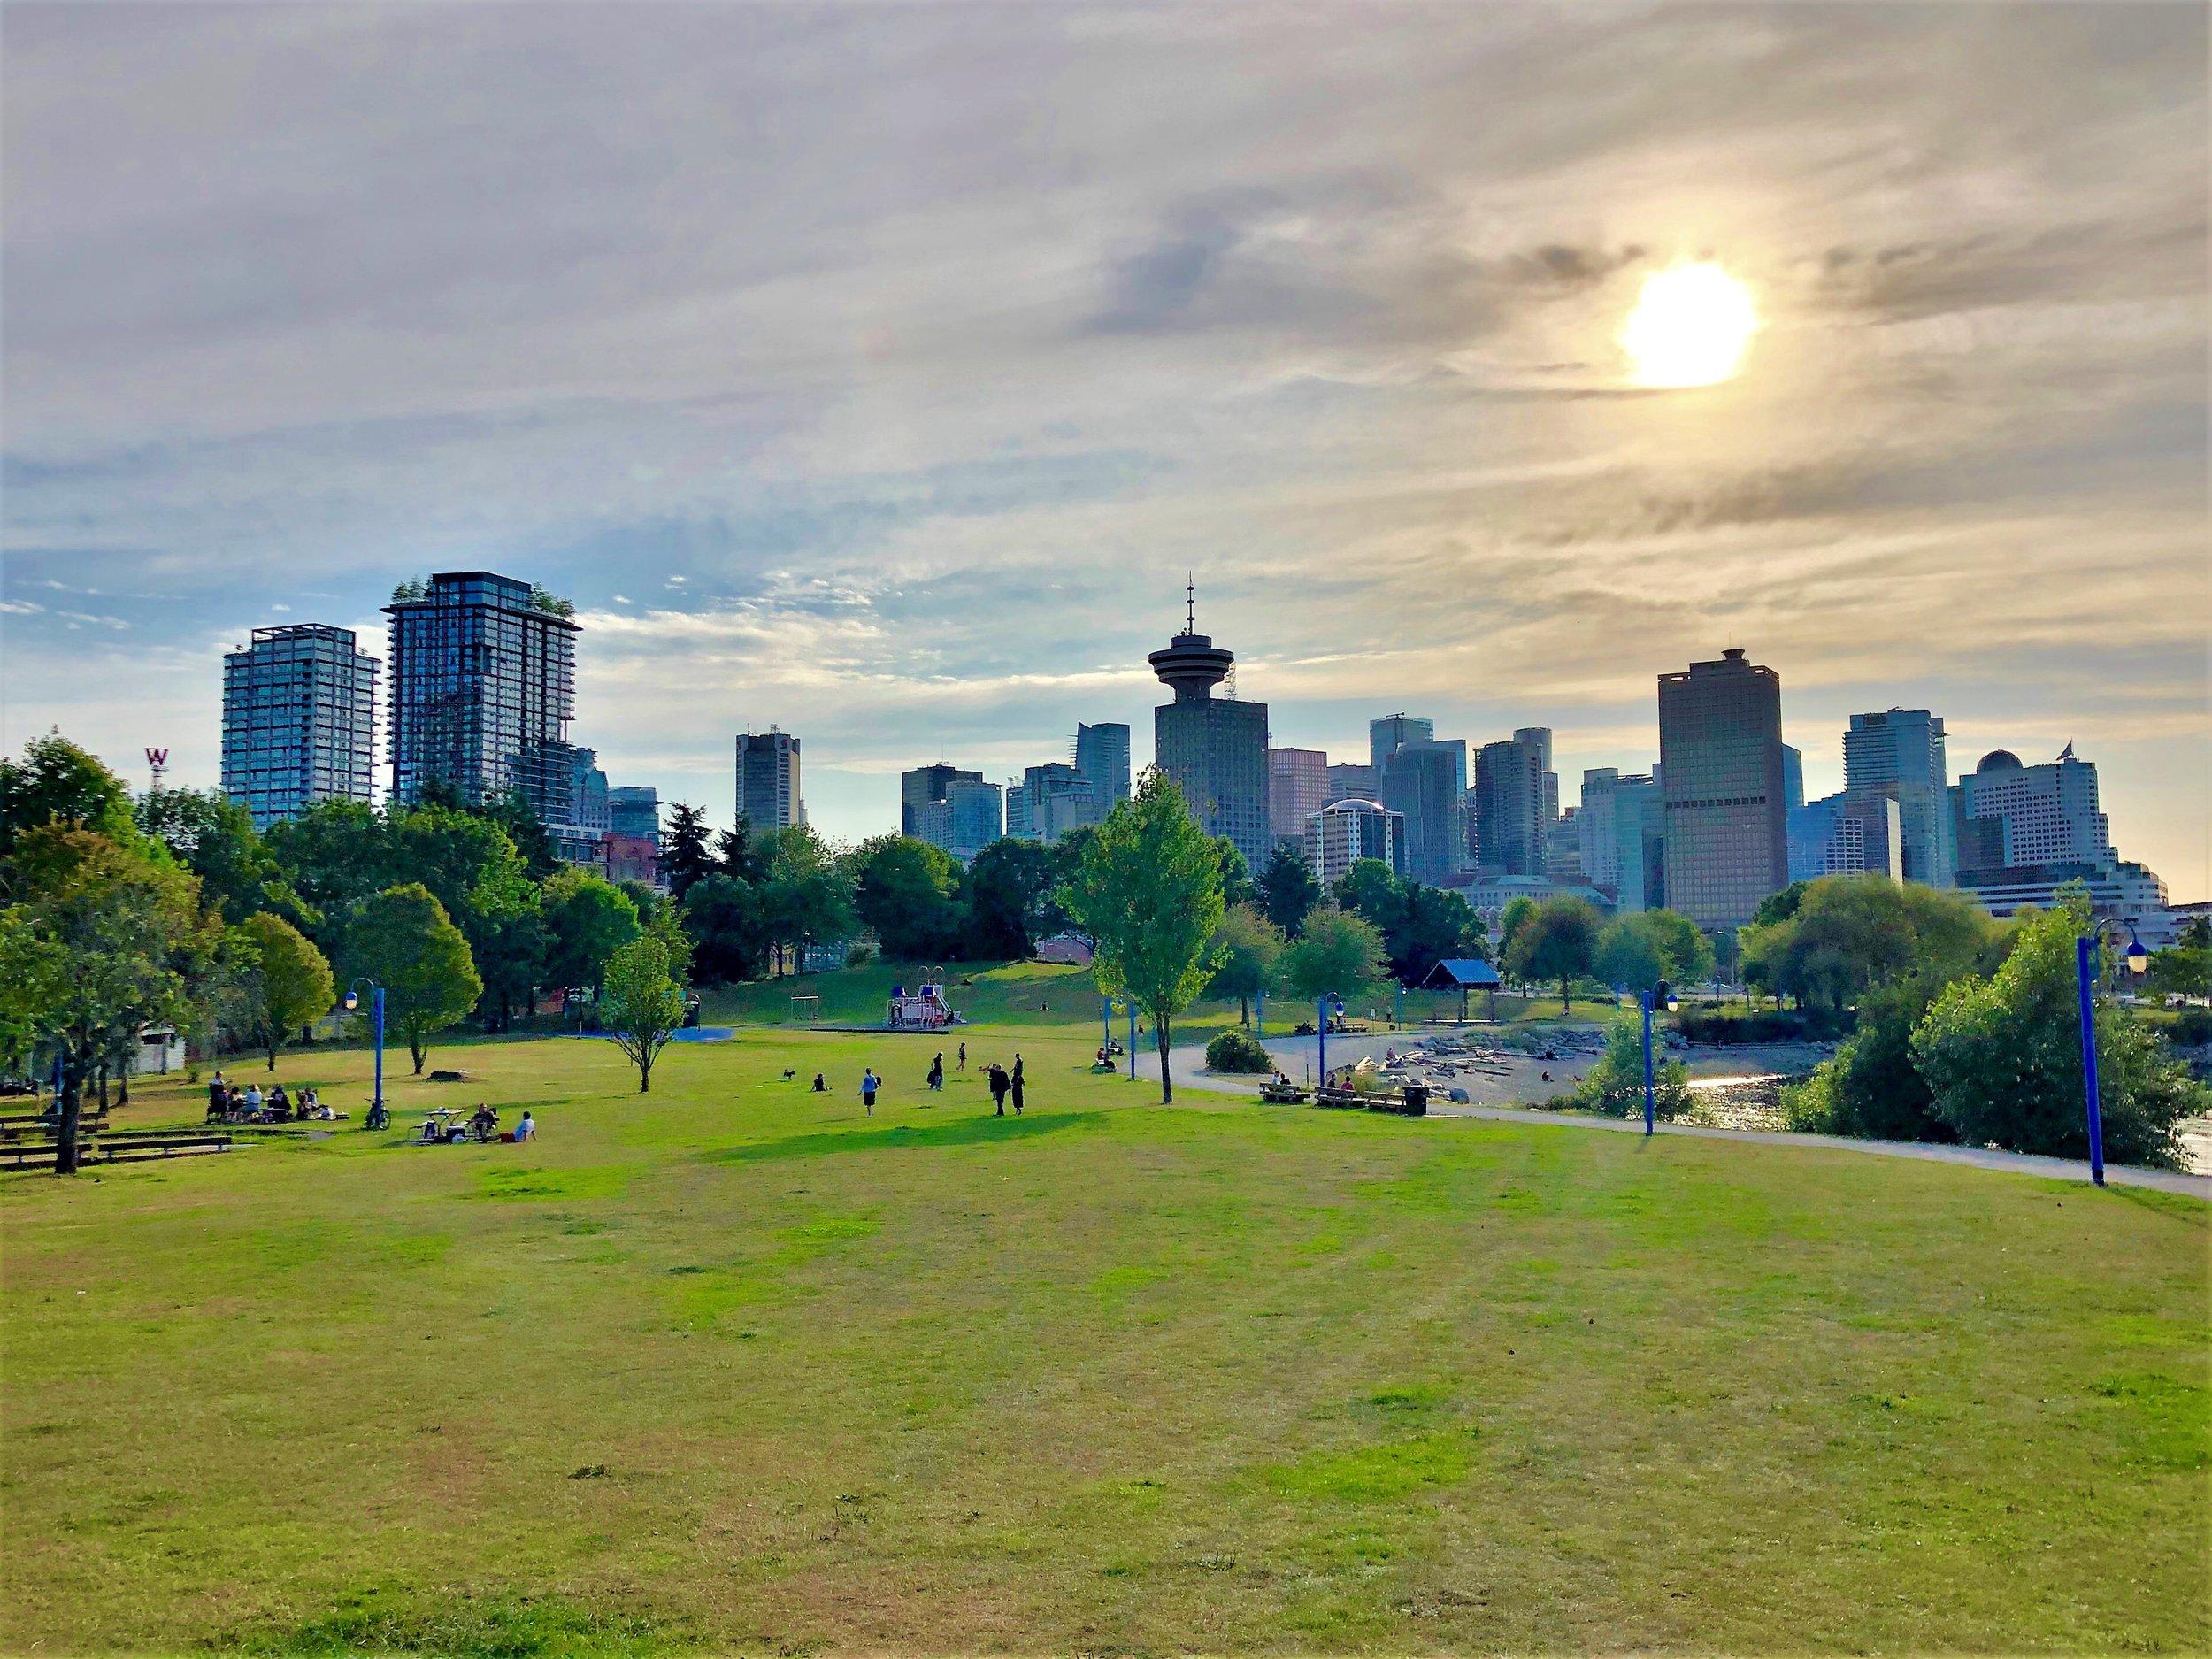 Vancouver, Alberta, Canada